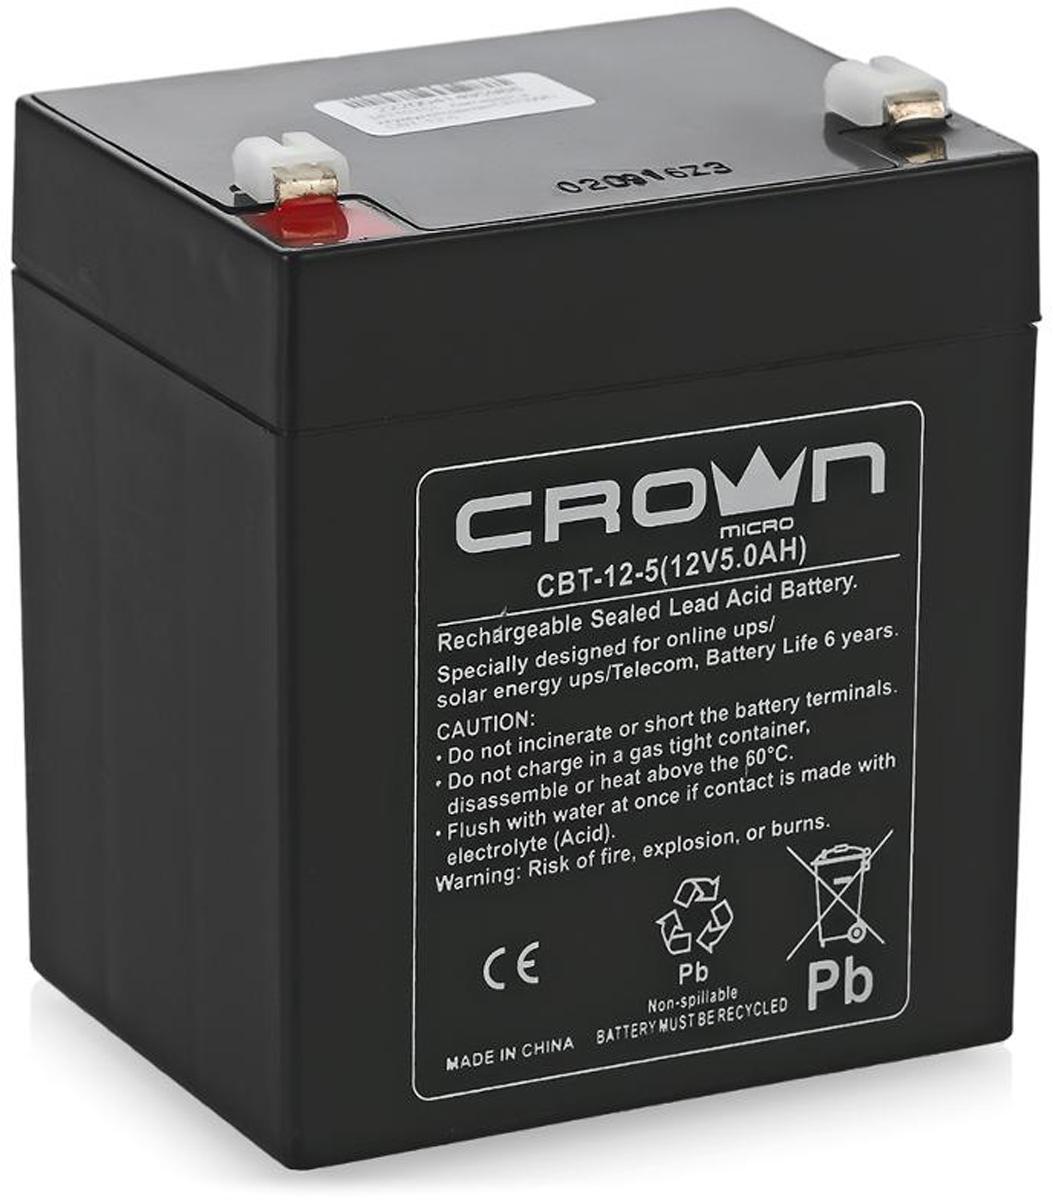 Crown Micro СВТ-12-5 аккумулятор для ИБП crown micro cmu sp1200iec usb 1200va 720w ибп